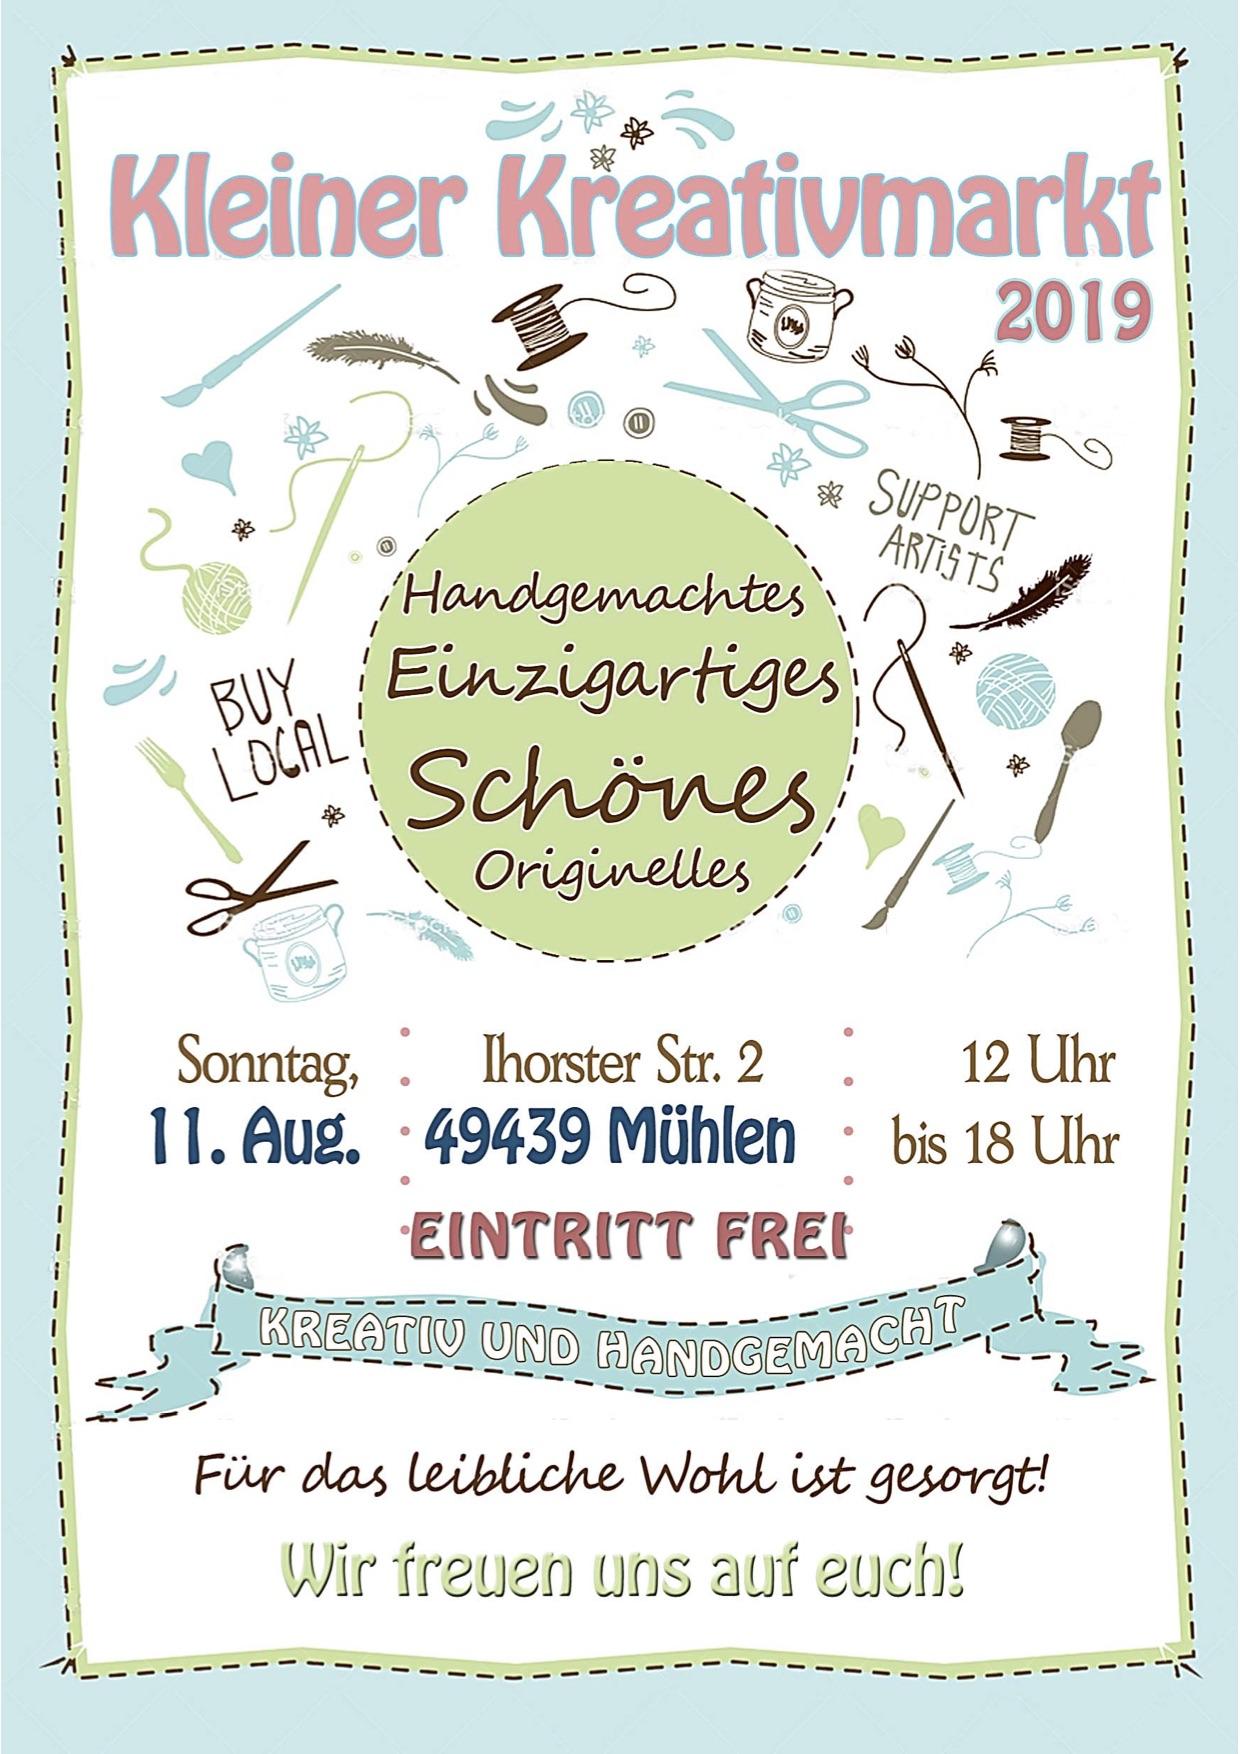 Flyer zum Kleinen Kreativmarkt in Mühlen am 11. August 2019 von 12 bis 18 Uhr. Ihorster Str. 2 in 49439 Mühlen. Der Eintritt ist frei.